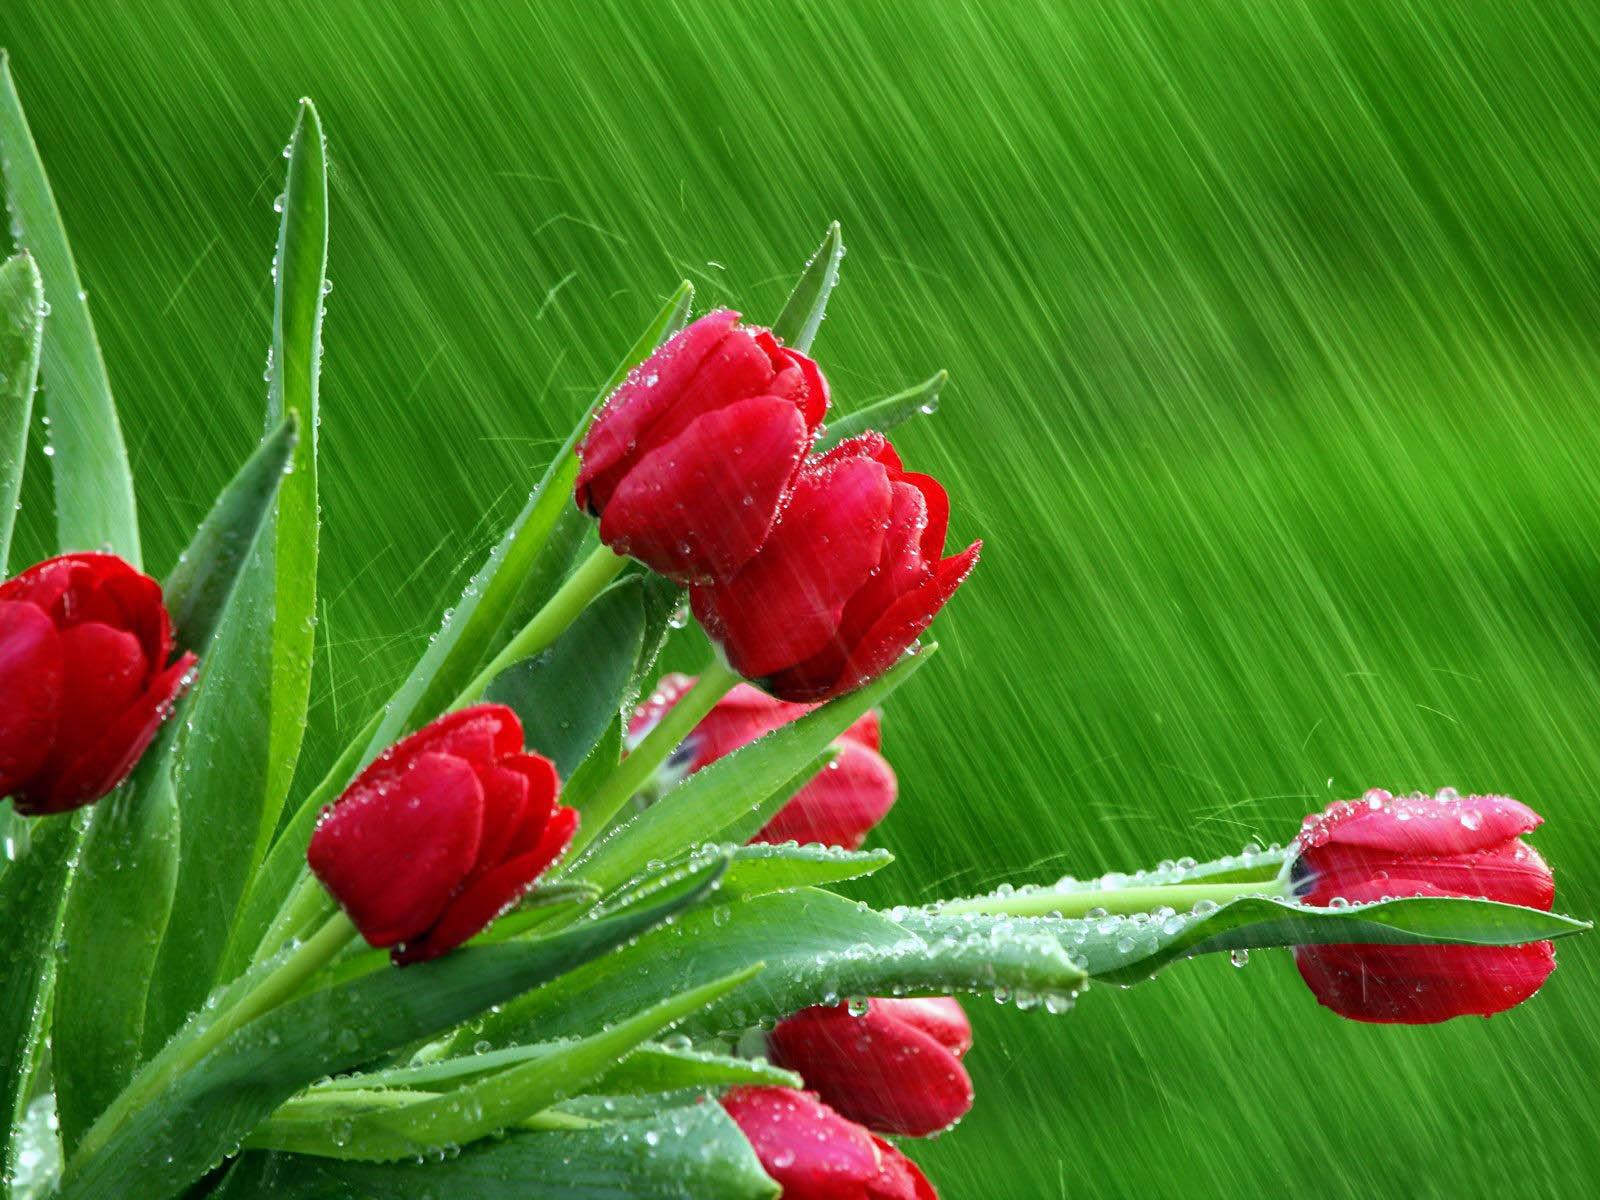 http://3.bp.blogspot.com/-Gy76roPavVA/UHRs9gQssJI/AAAAAAAAGD8/LqT5EZbeZbY/s1600/rose_buds-normal.jpg